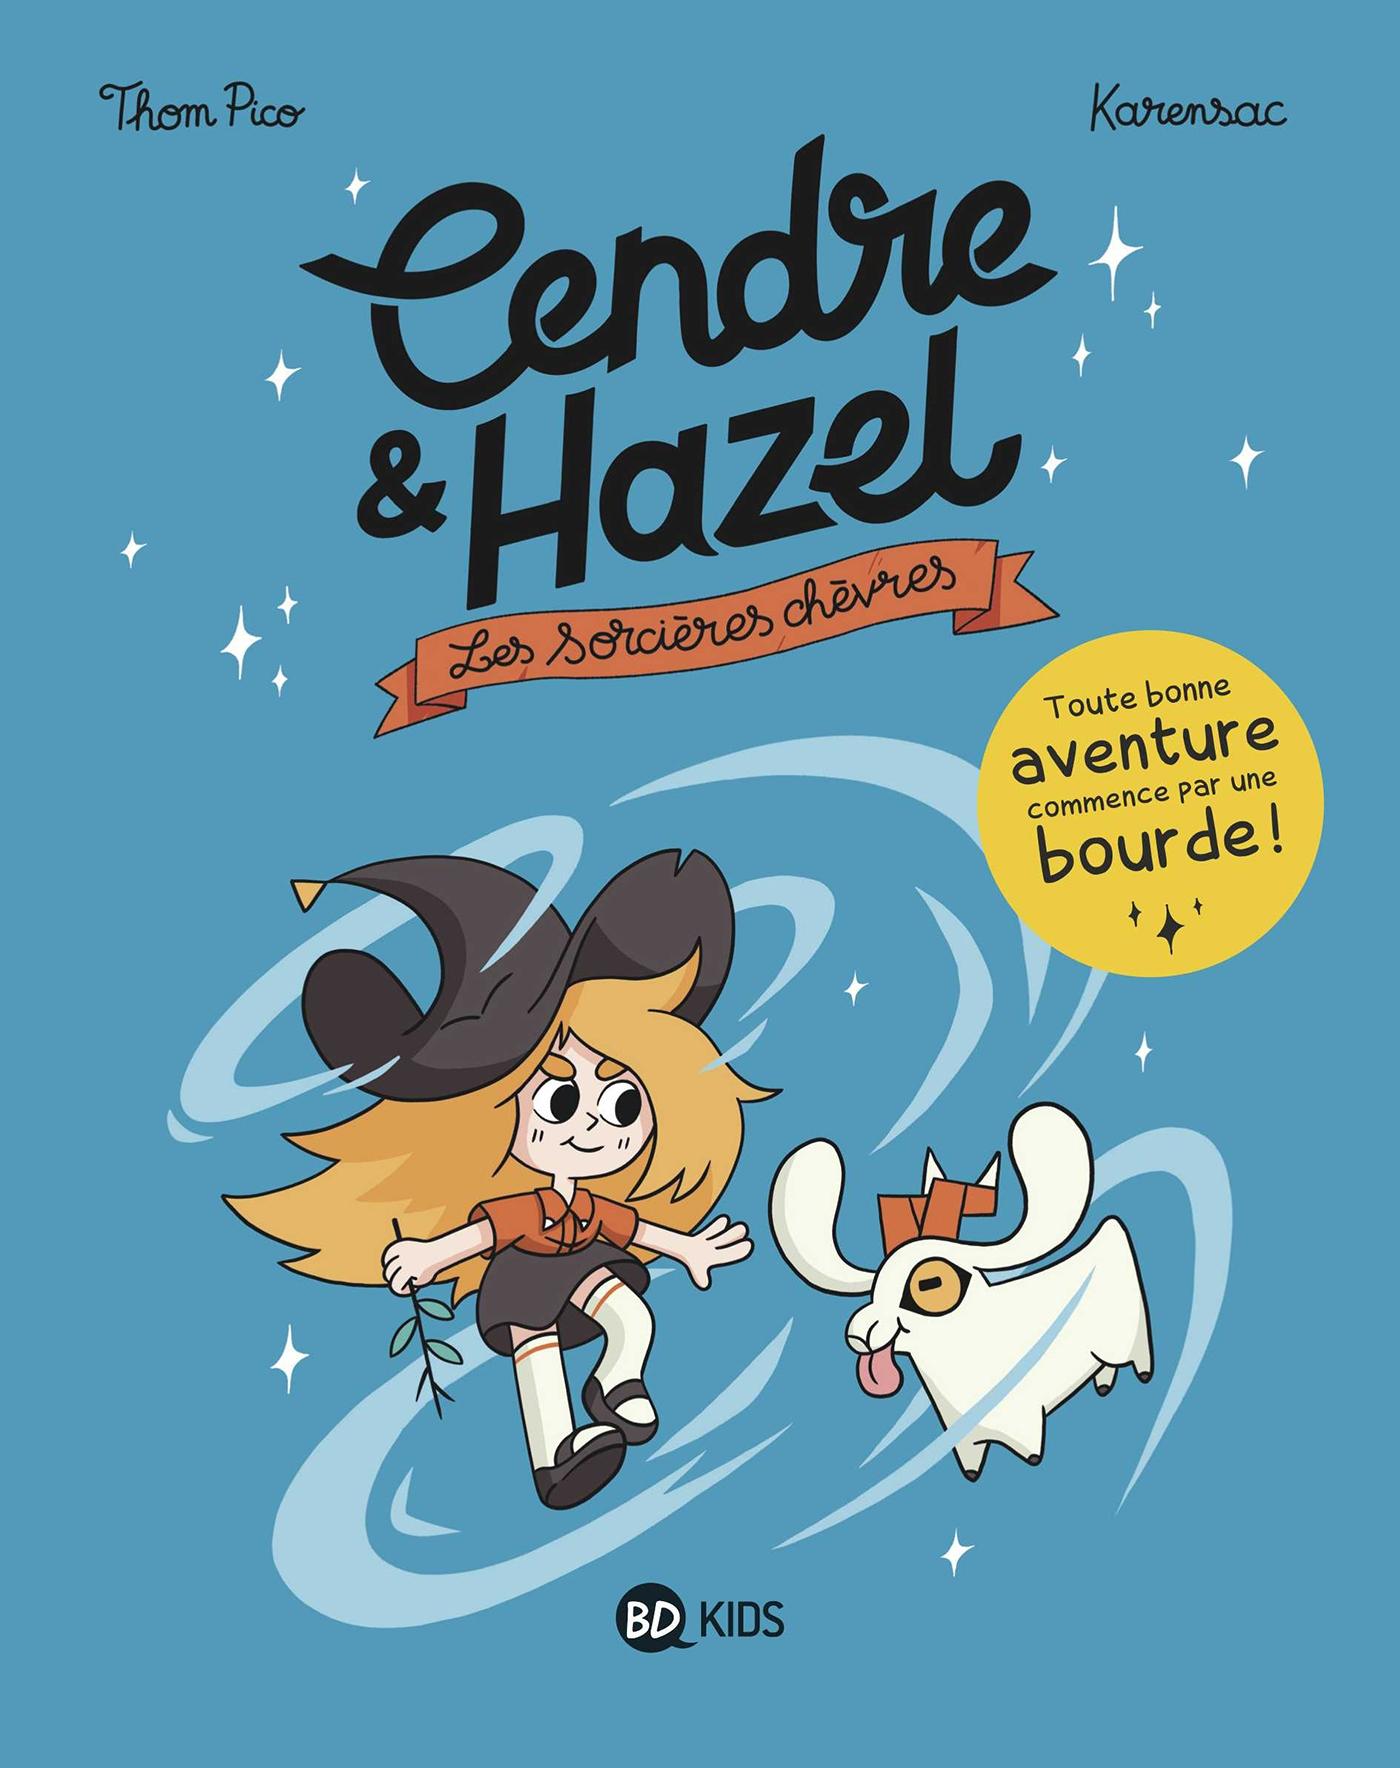 Cendre et Hazel, Tome 01 |